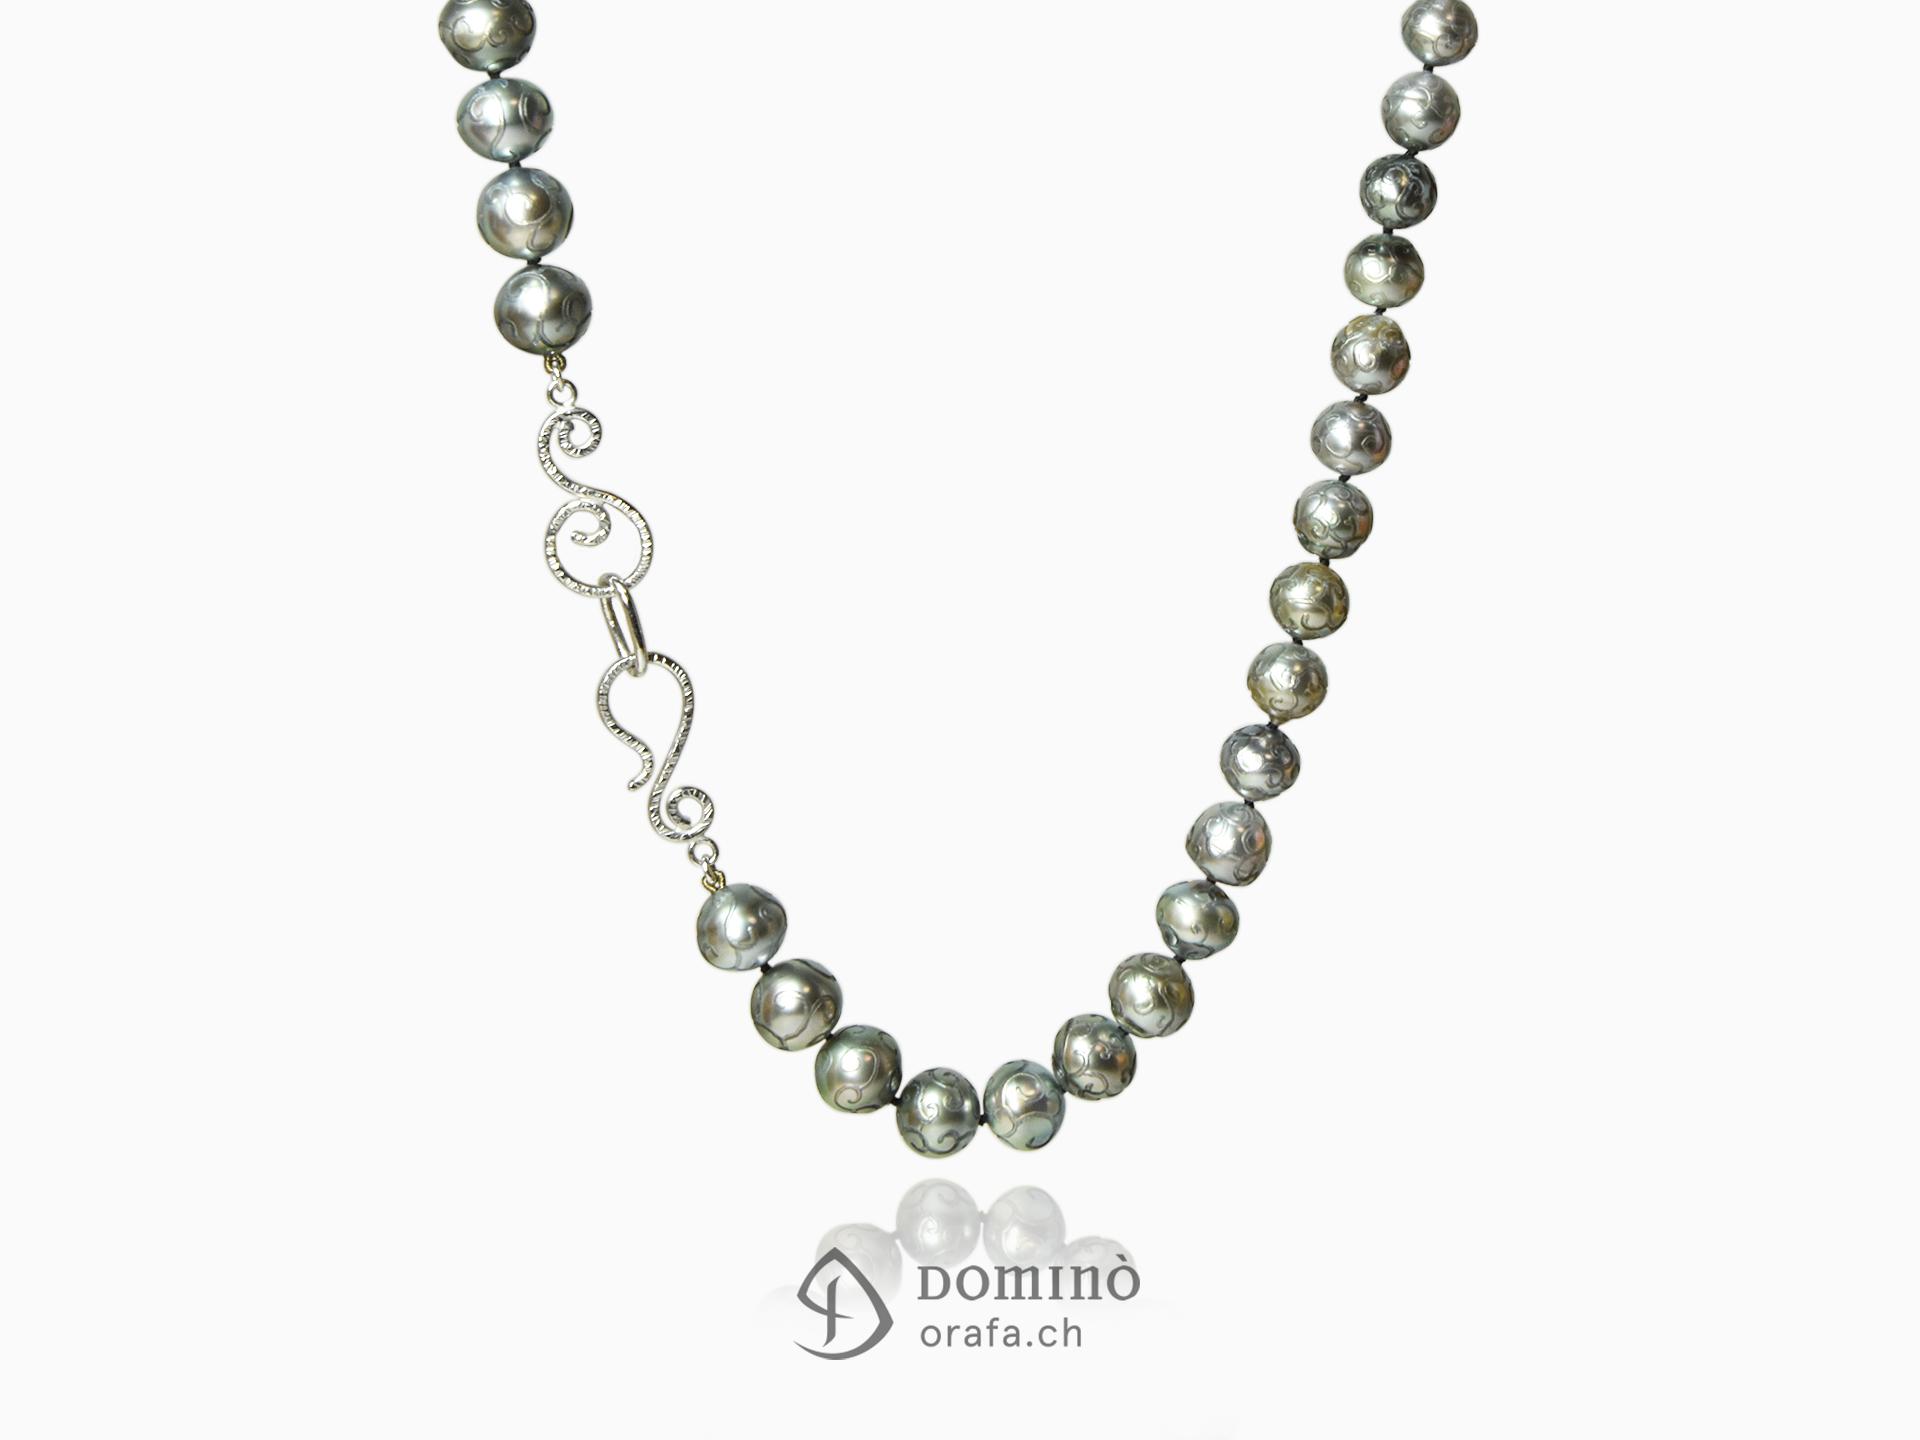 Collier di perle tahiti incise